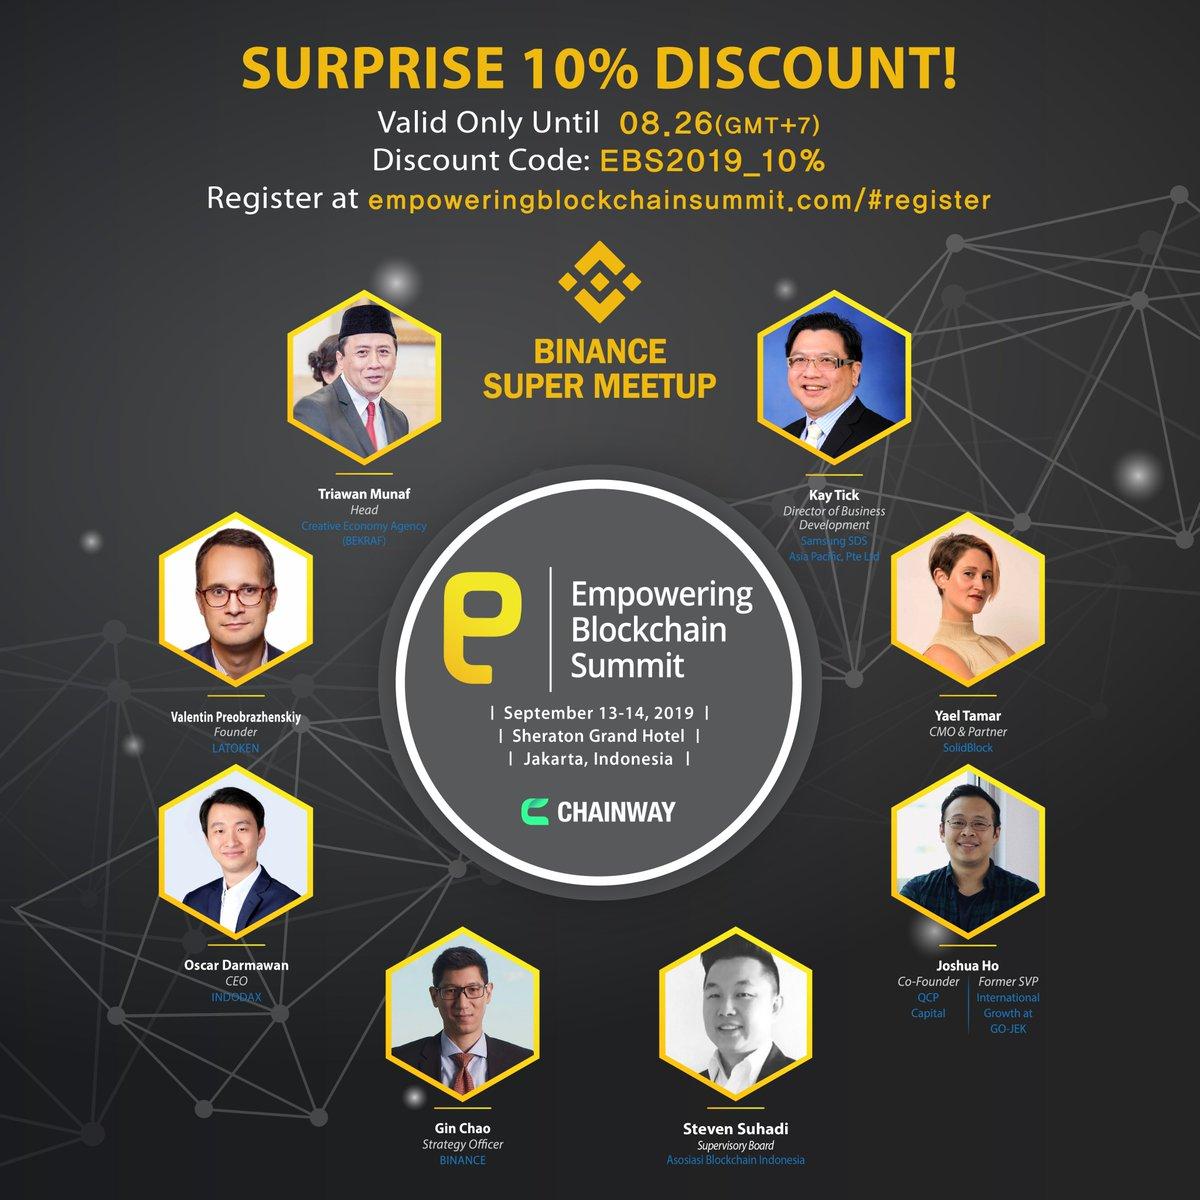 Event_Chainway - Empowering Blockchain Summit 2019 Twitter